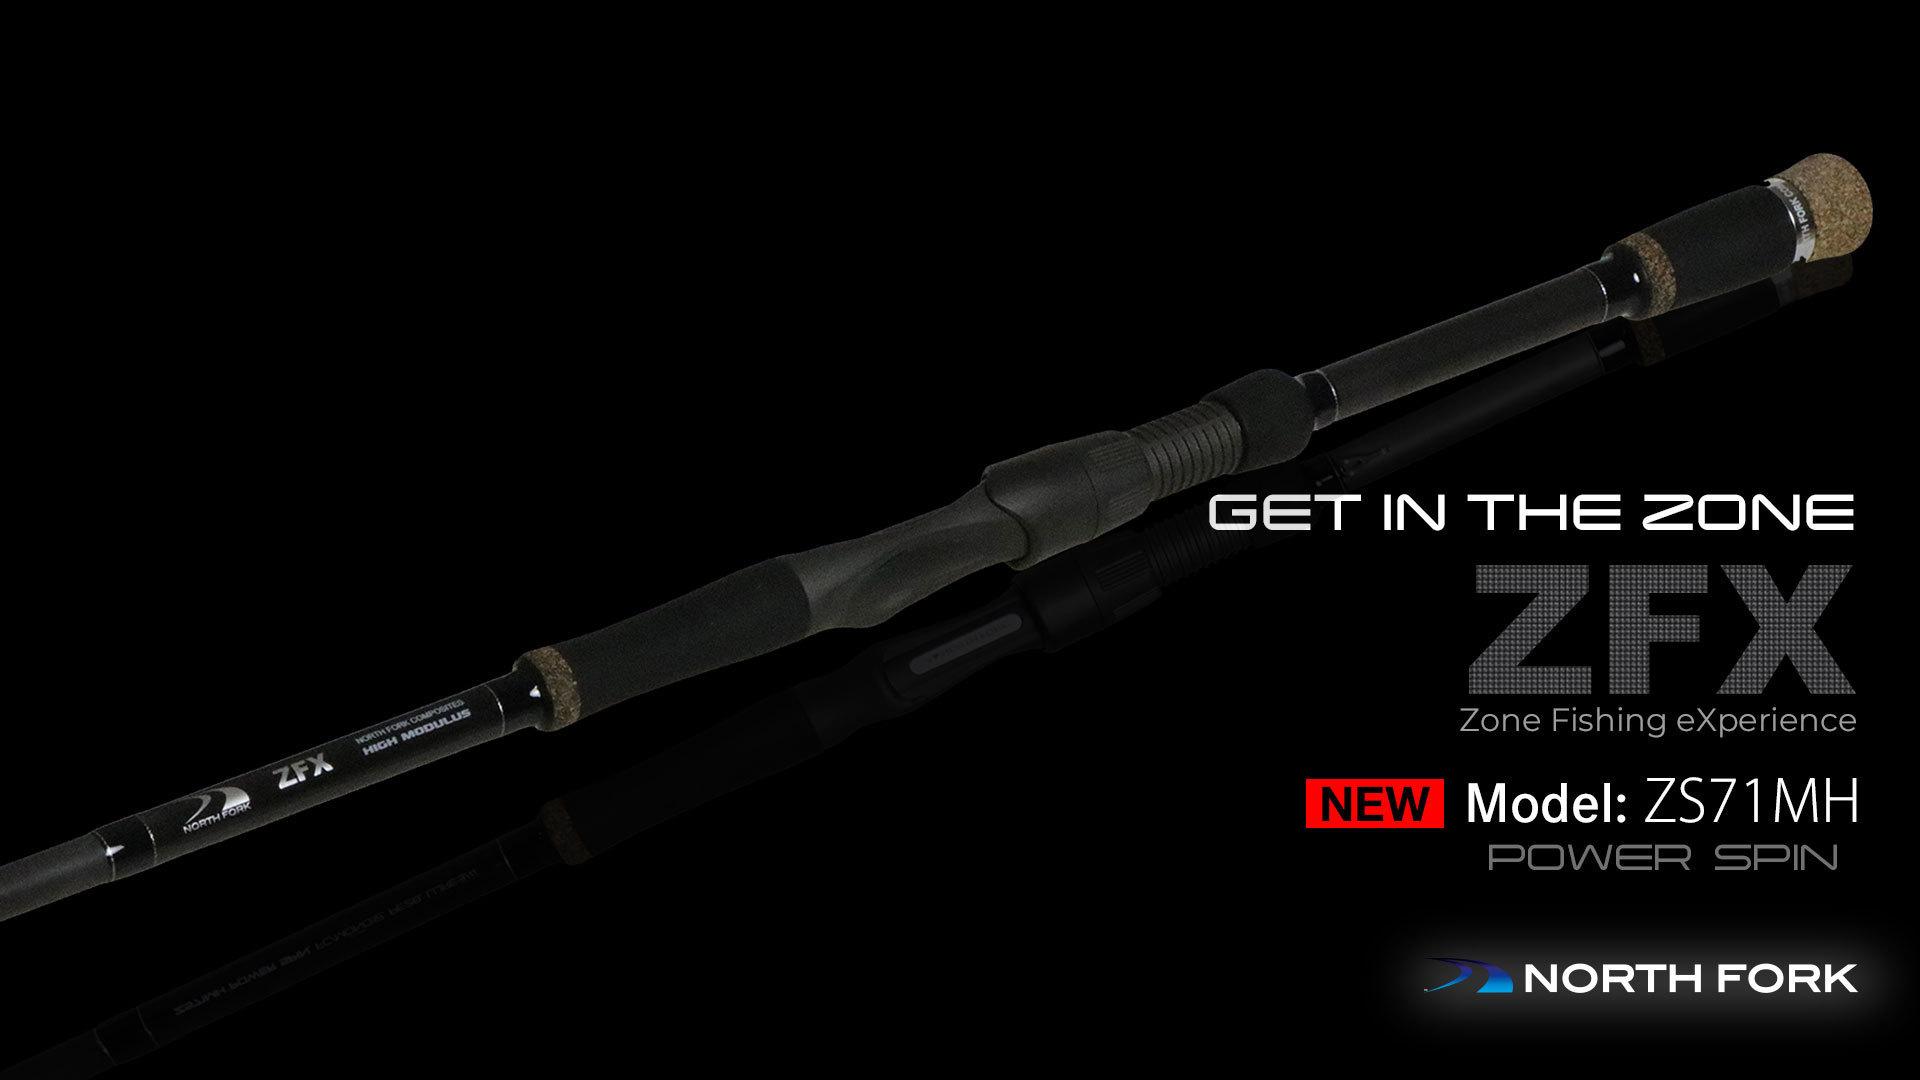 新製品のご案内:ZS71MH POWER SPIN(その1)_a0183304_15335635.jpg